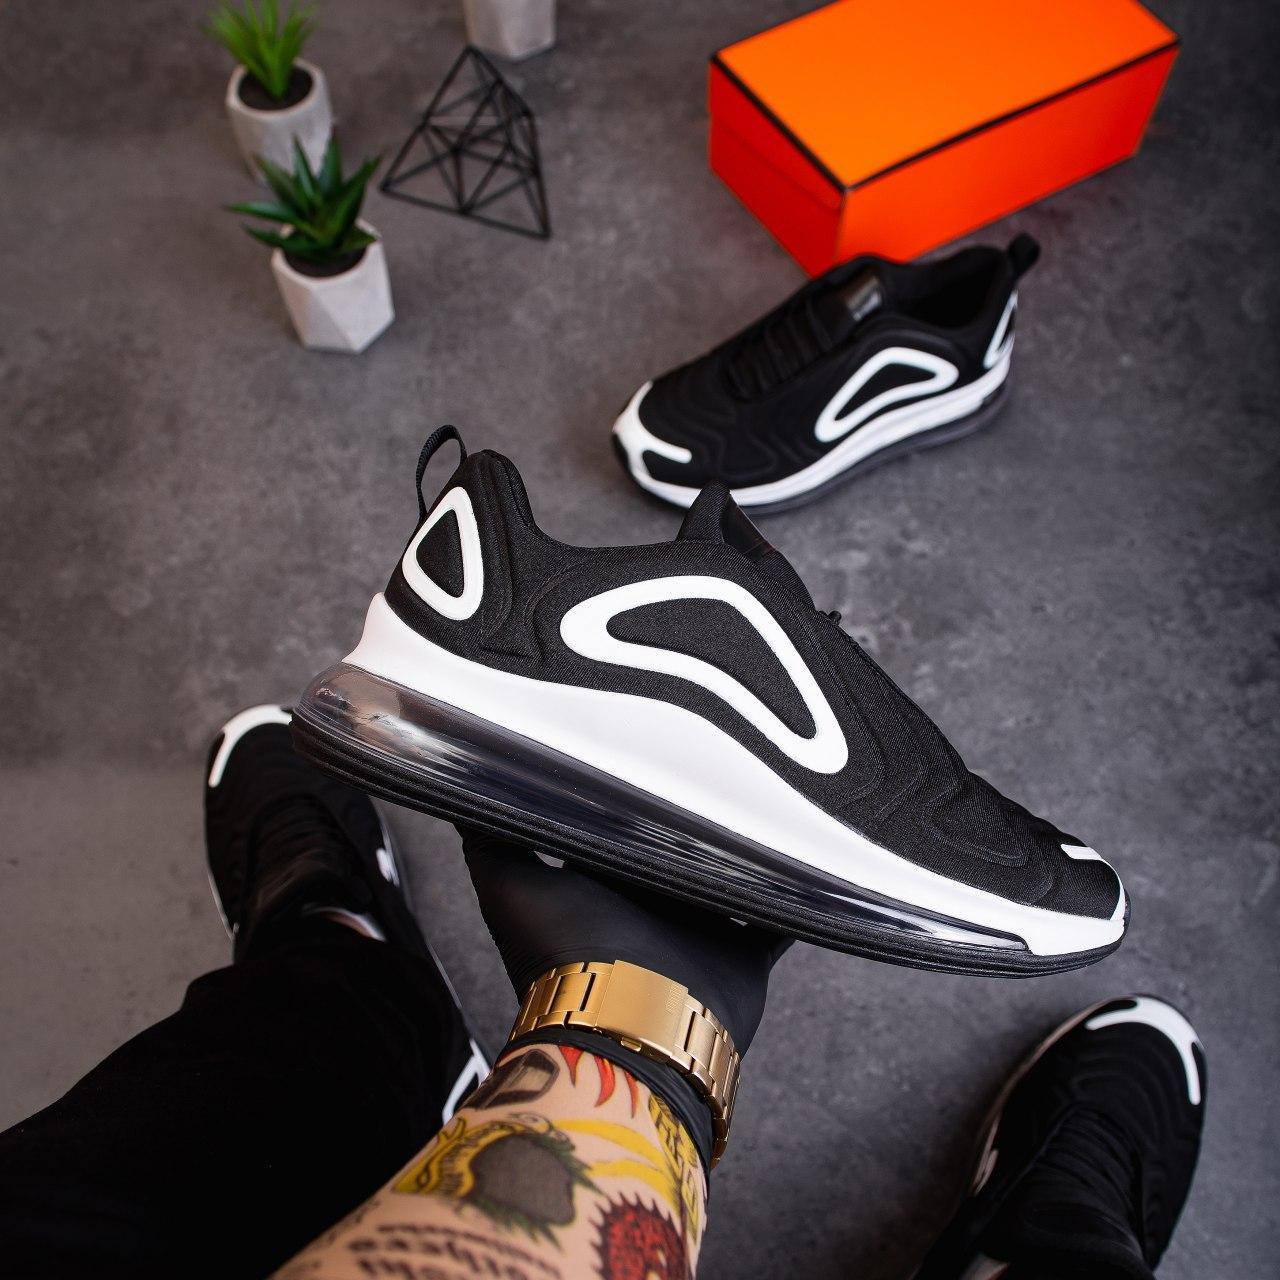 Мужские кроссовки Ривал Арт 720 (черныо-белые) - 41